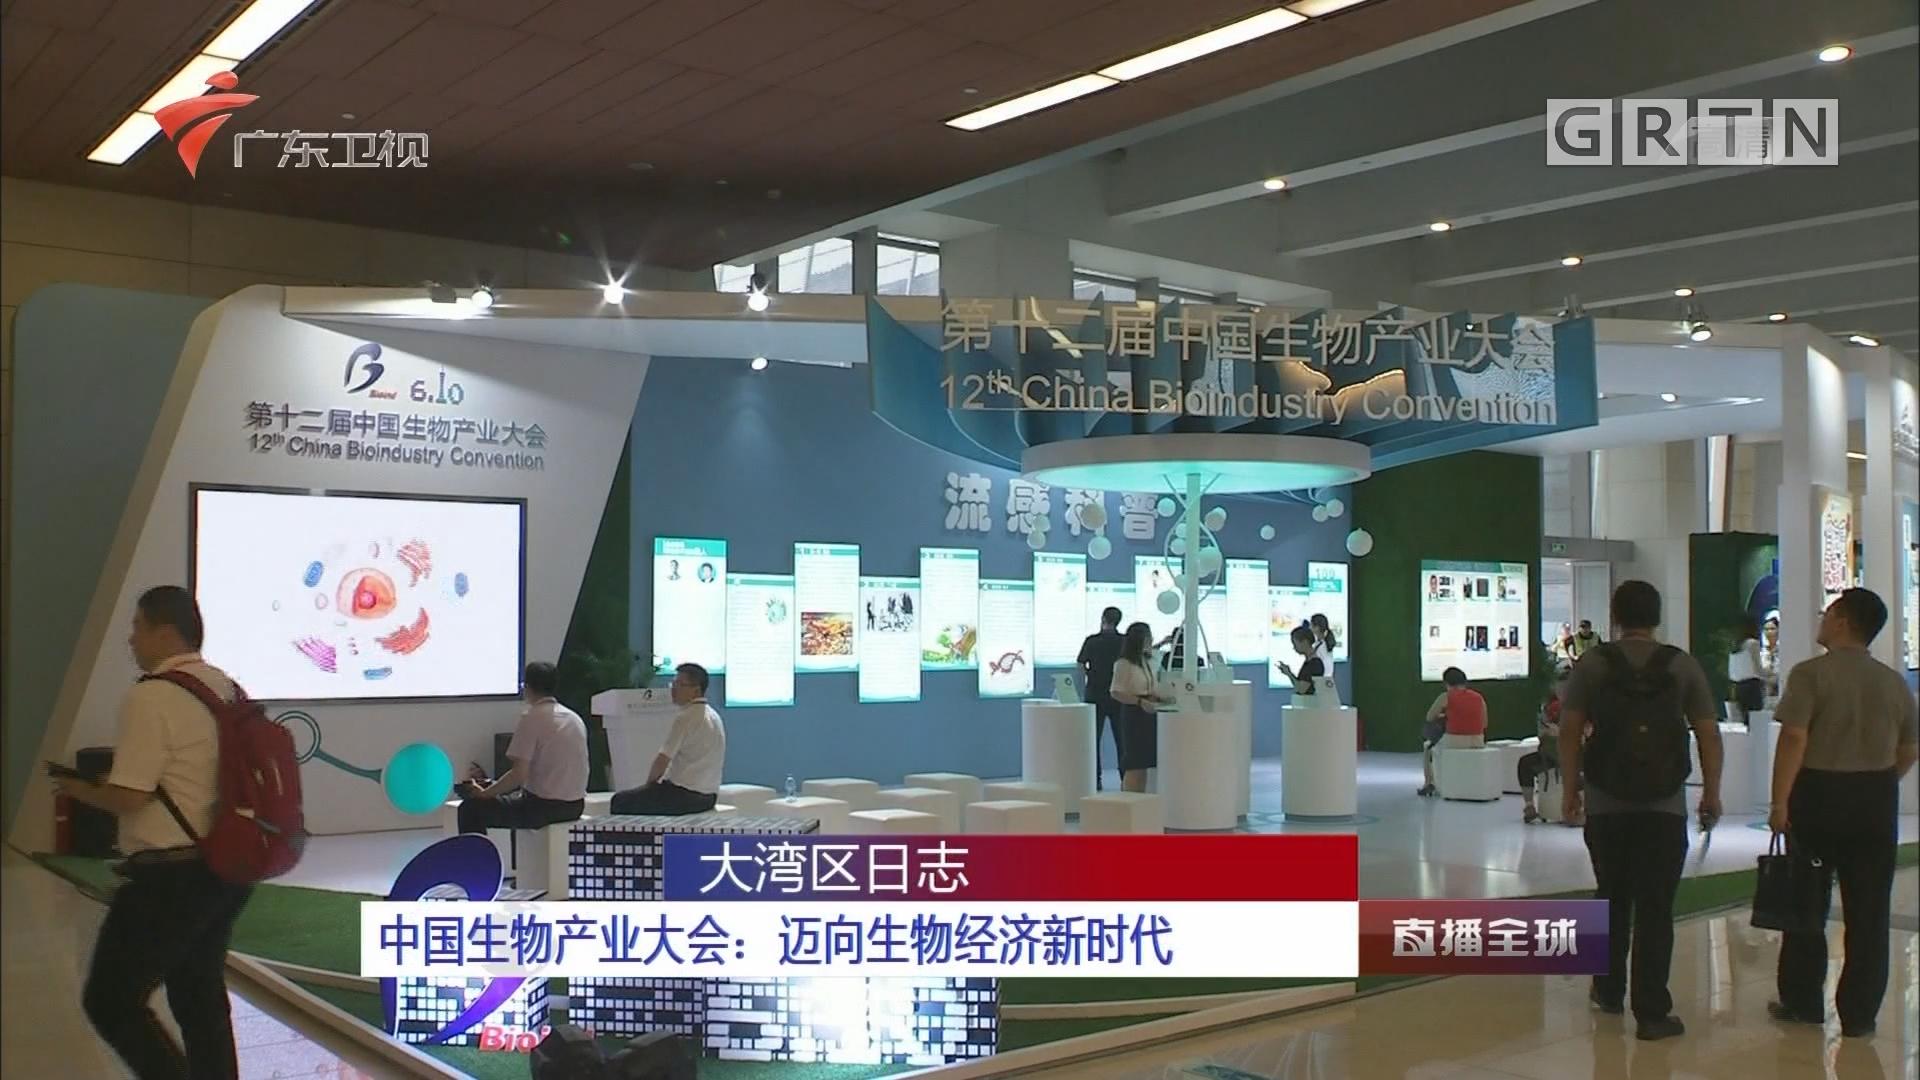 中国生物产业大会:迈向生物经济新时代